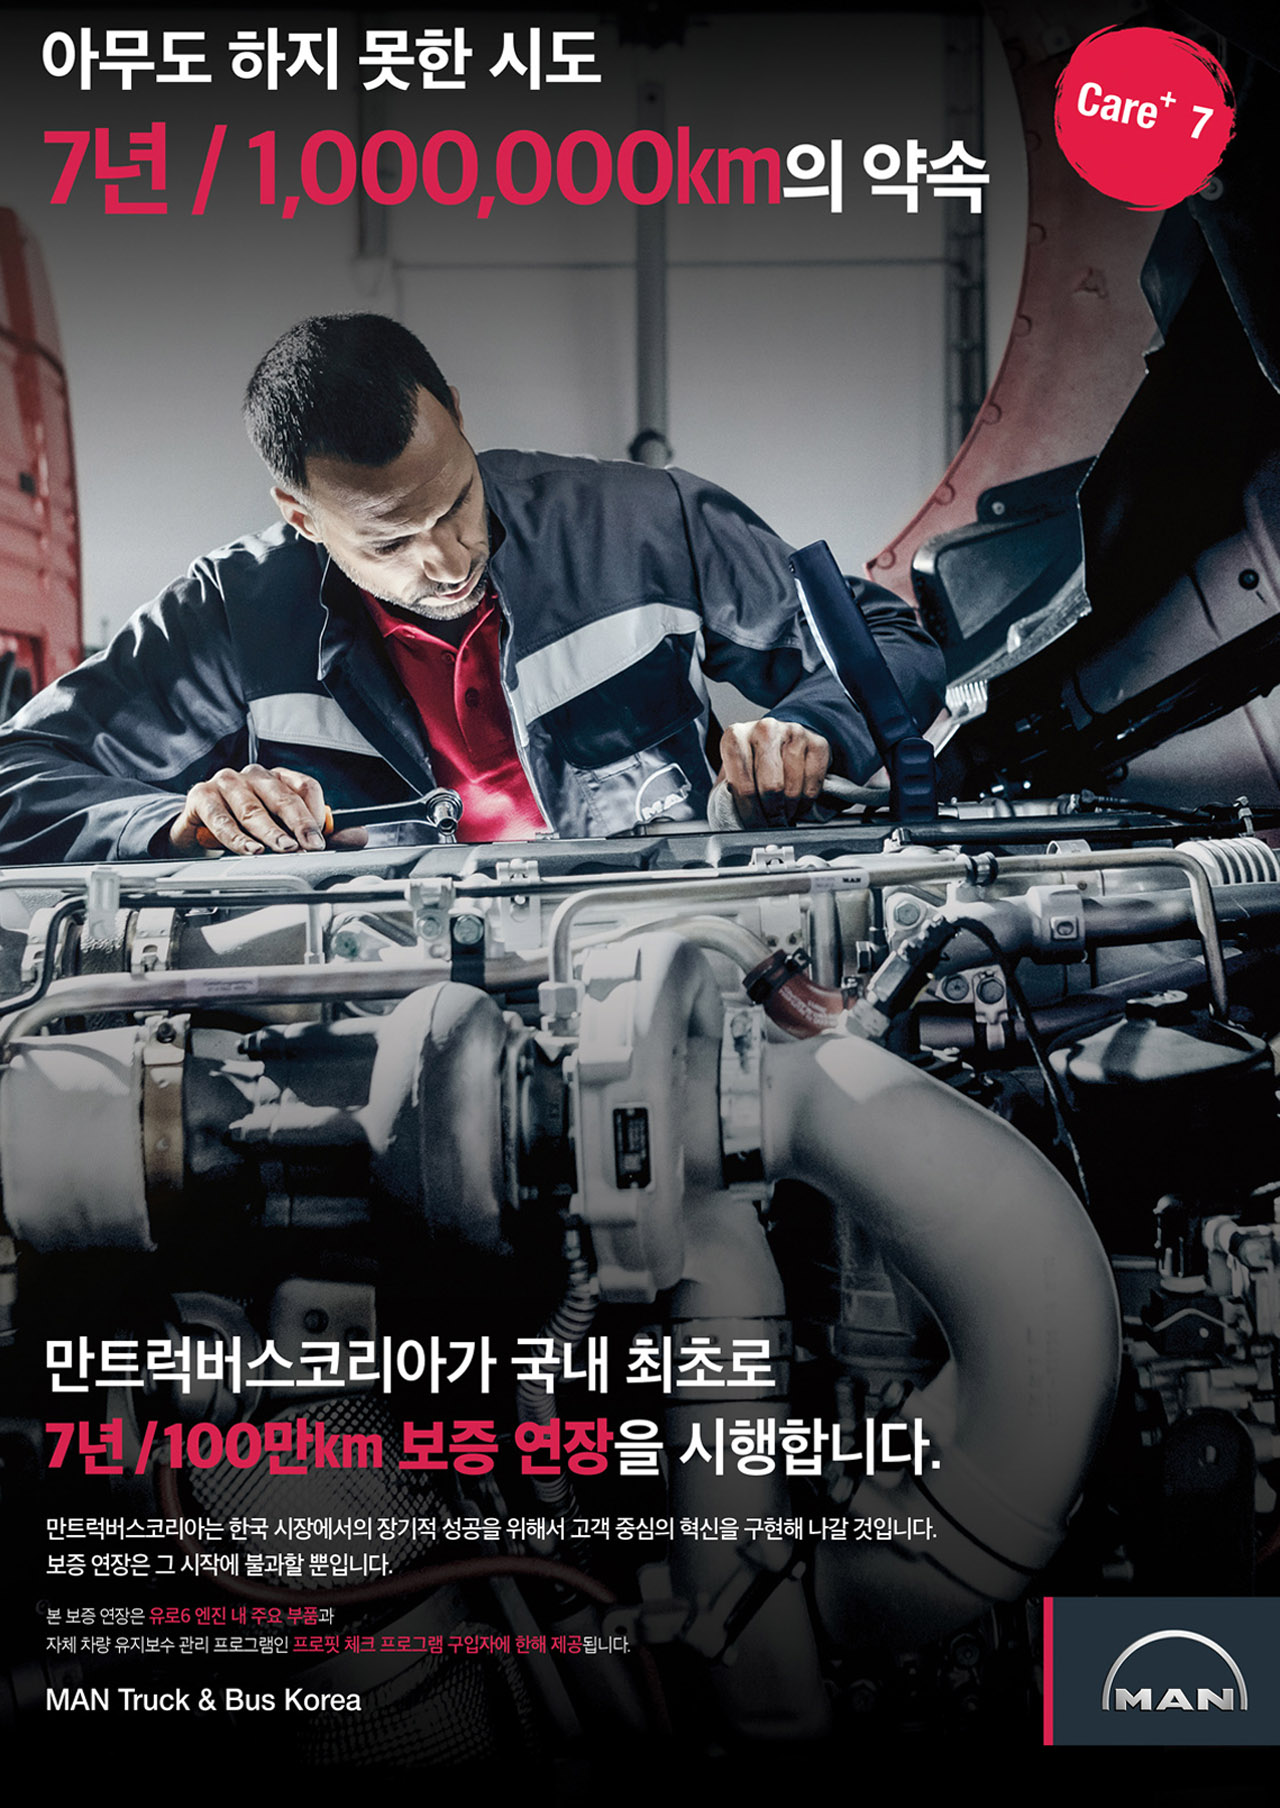 [참고사진] 보도자료_만트럭버스코리아 7년-100만km 보증 제공하는 케어+7 프로그램  발표